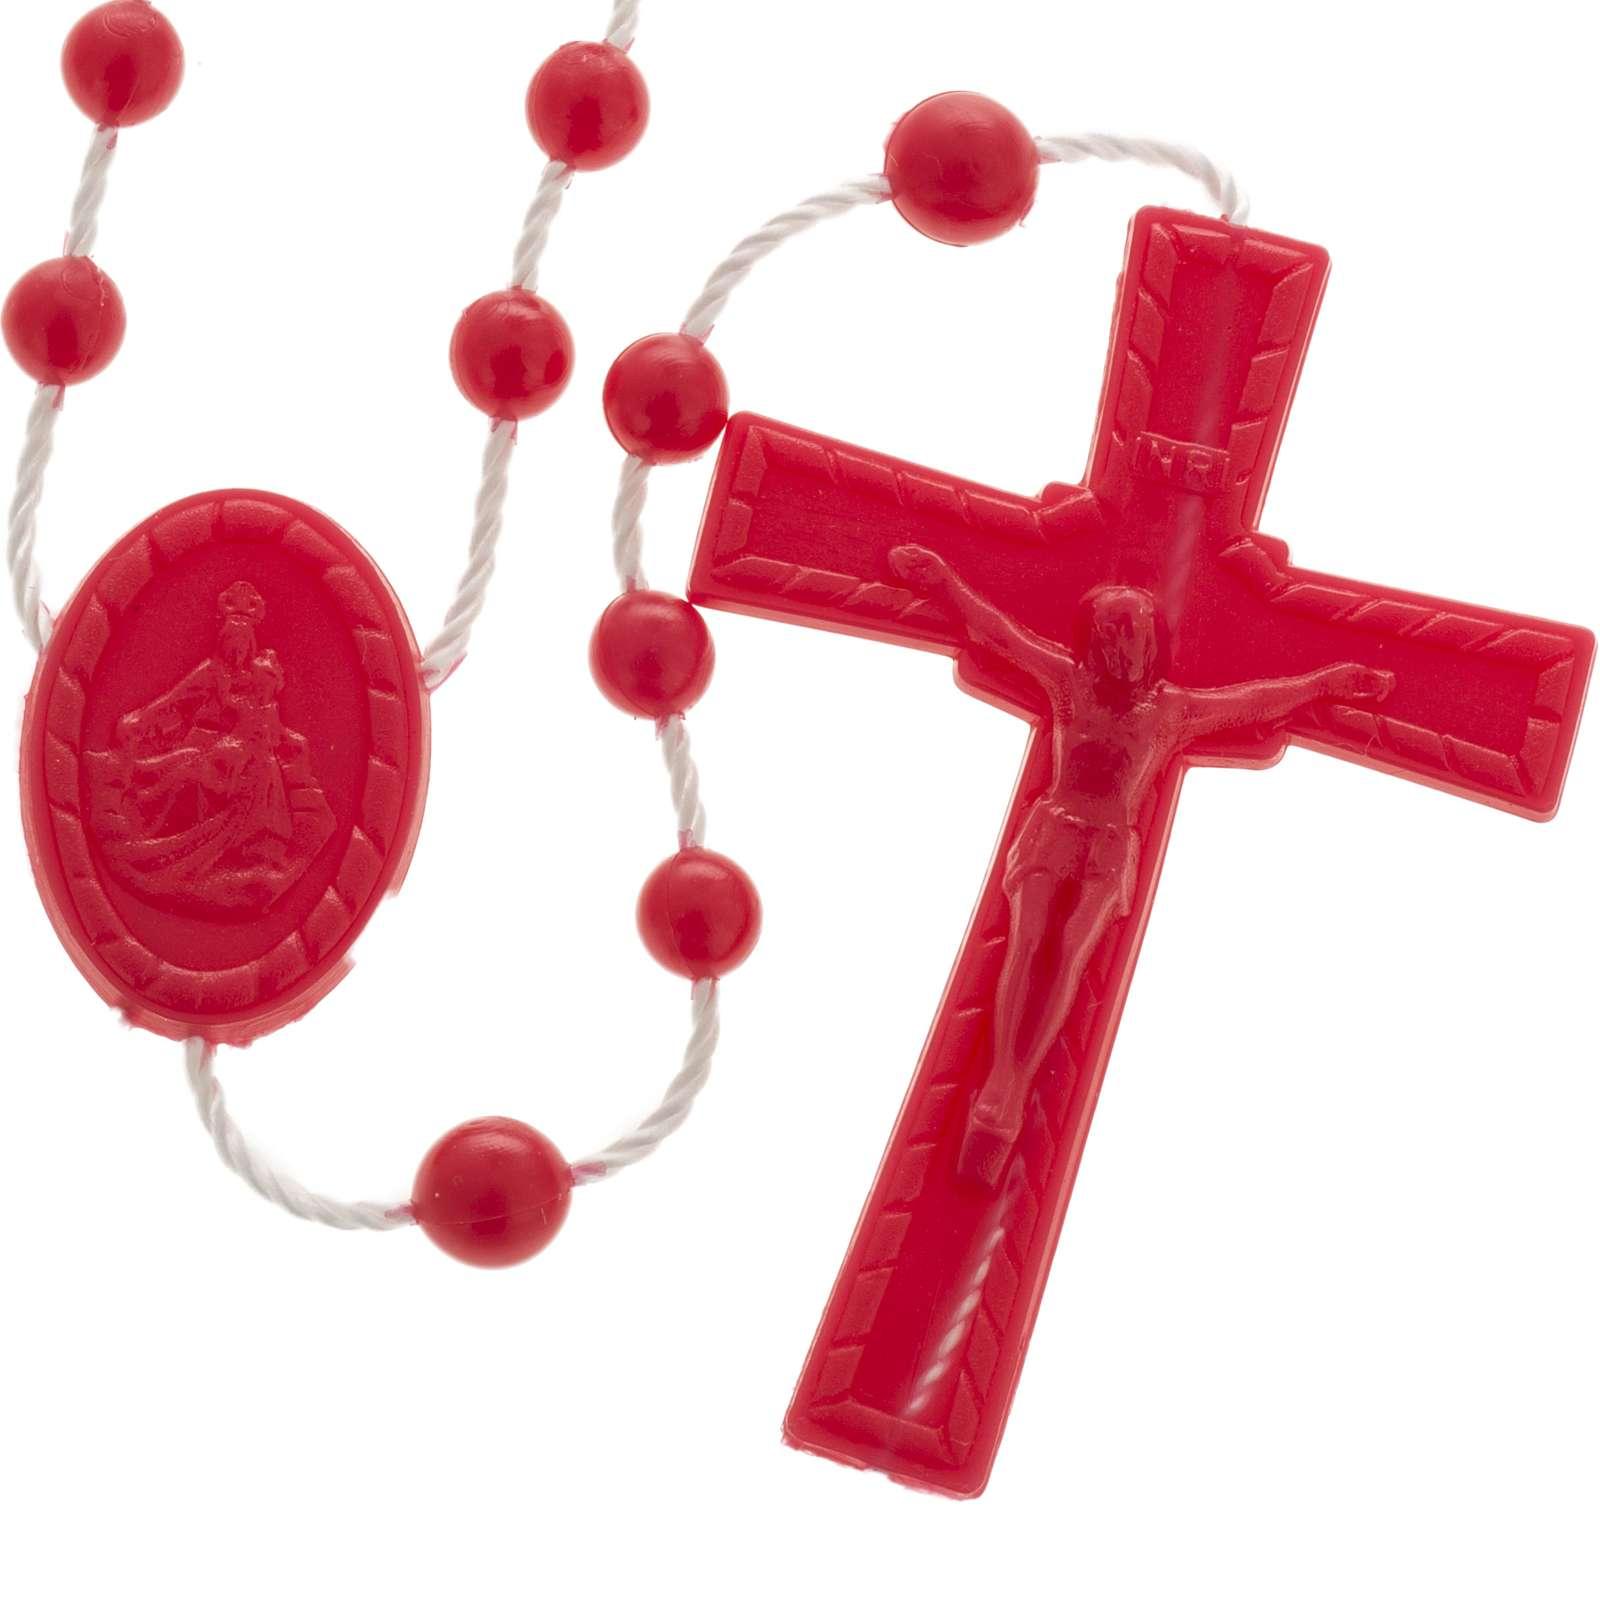 Rosario nylon Rojo 4